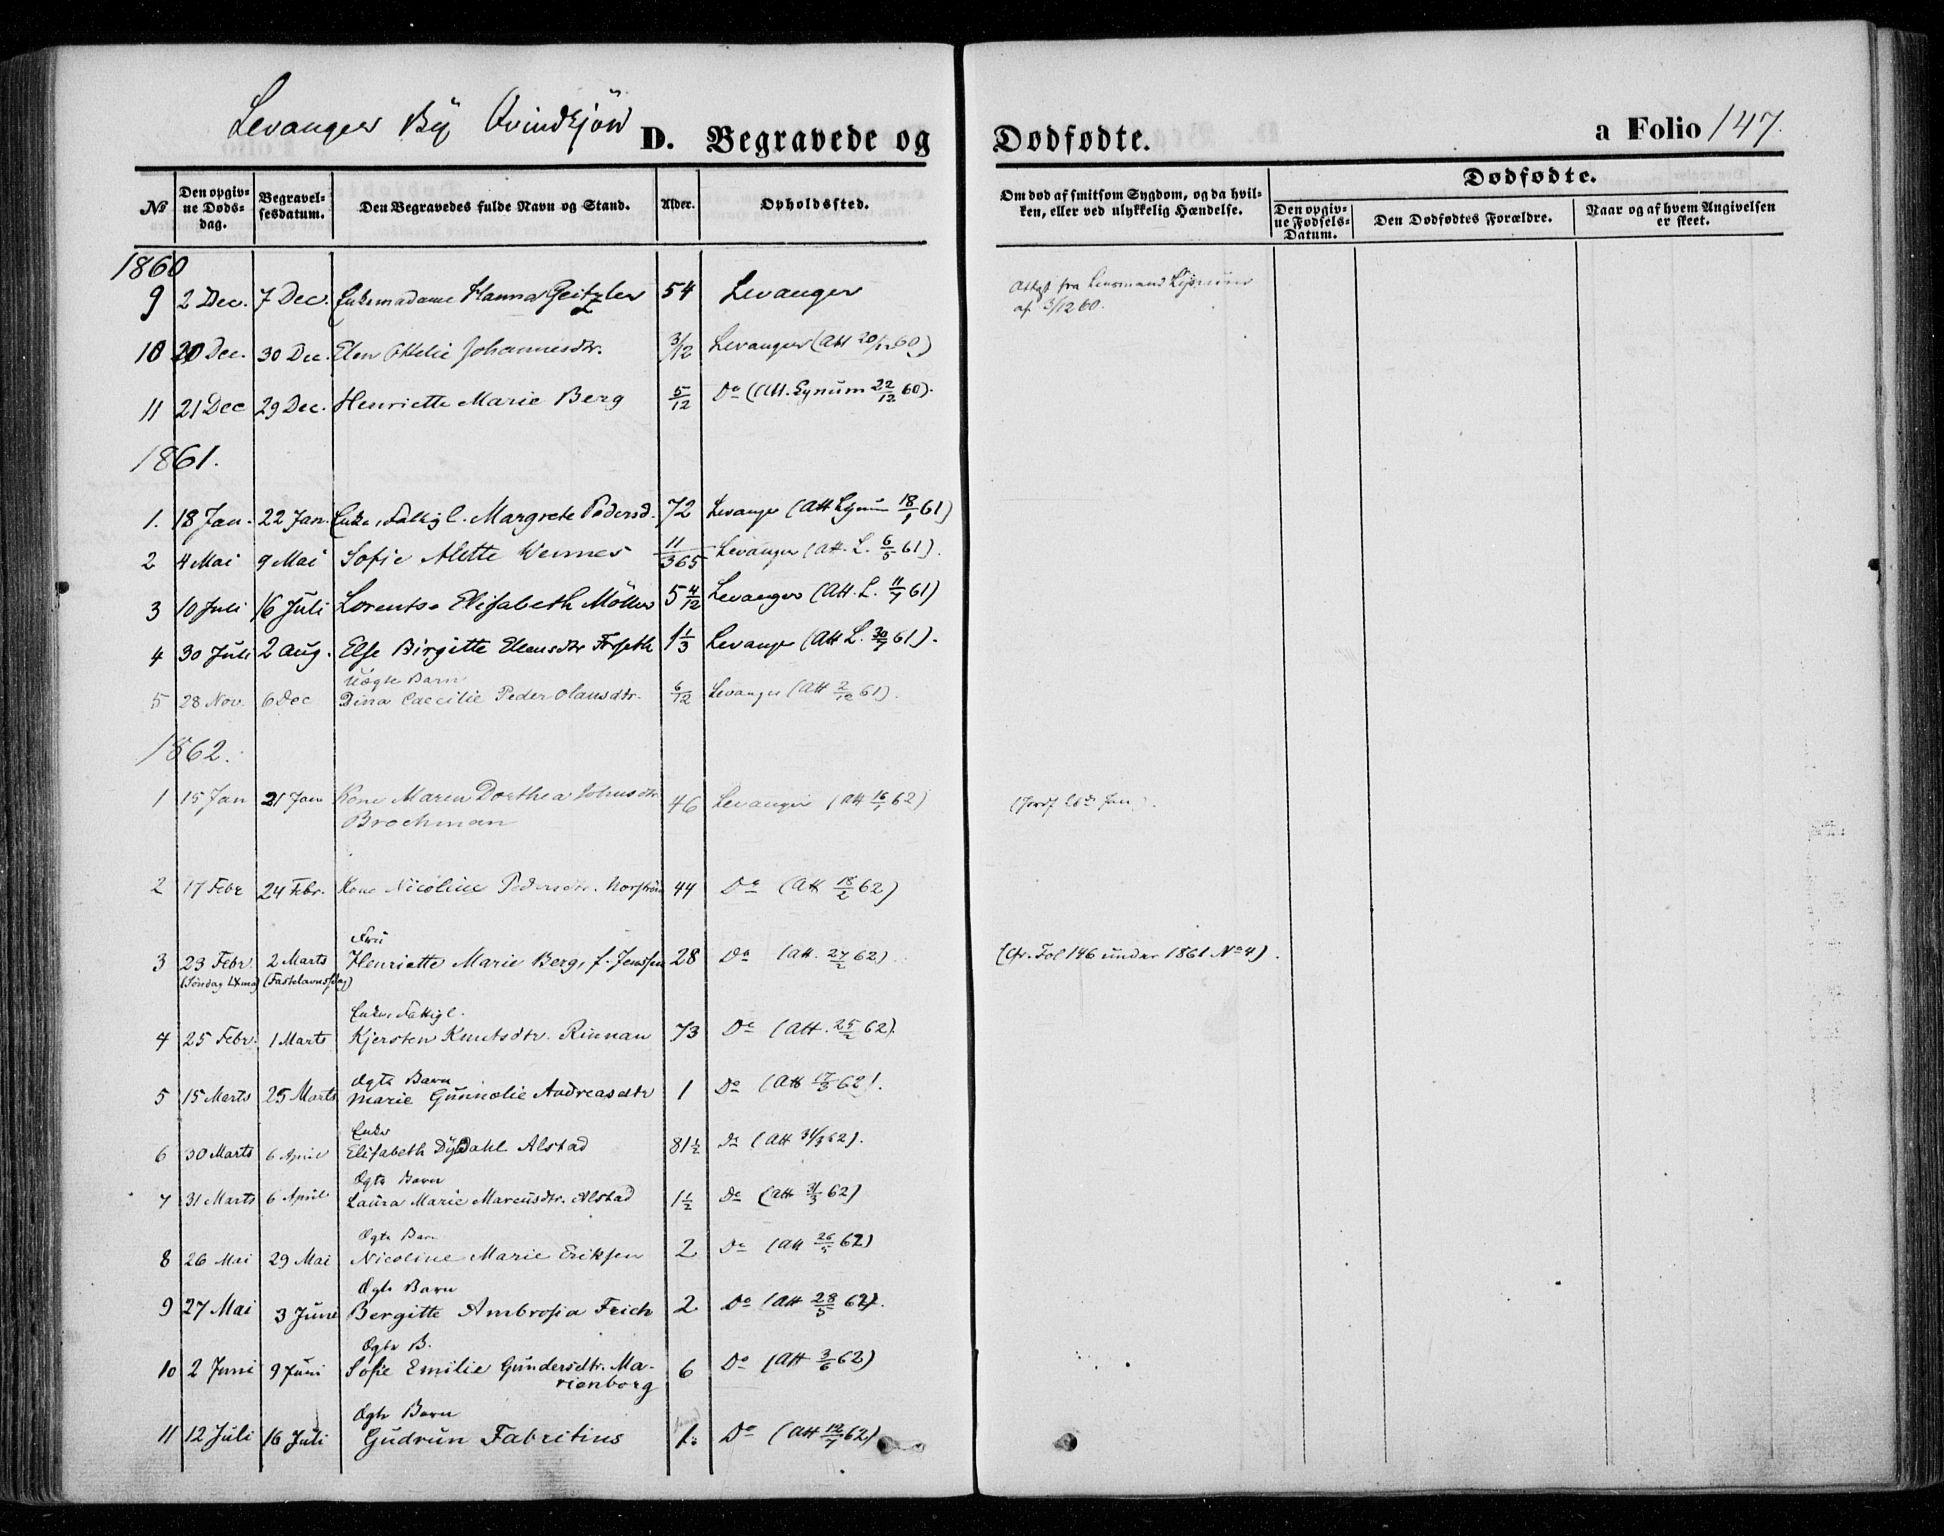 SAT, Ministerialprotokoller, klokkerbøker og fødselsregistre - Nord-Trøndelag, 720/L0184: Ministerialbok nr. 720A02 /1, 1855-1863, s. 147